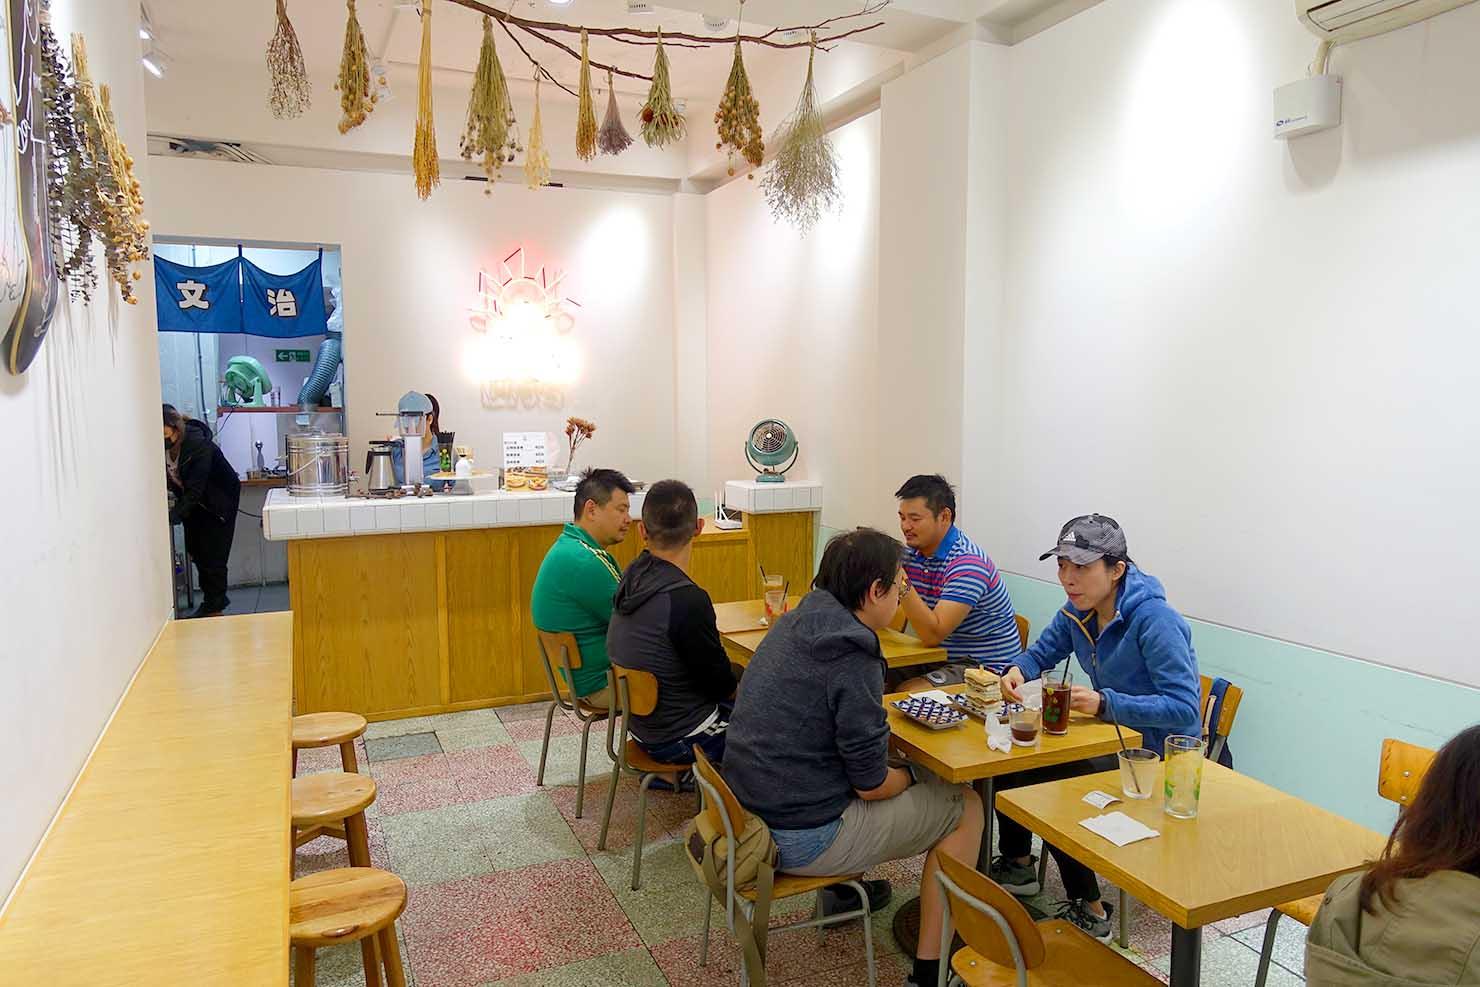 台北・西門町のおすすめ朝ごはん屋さん「山文治」の店内